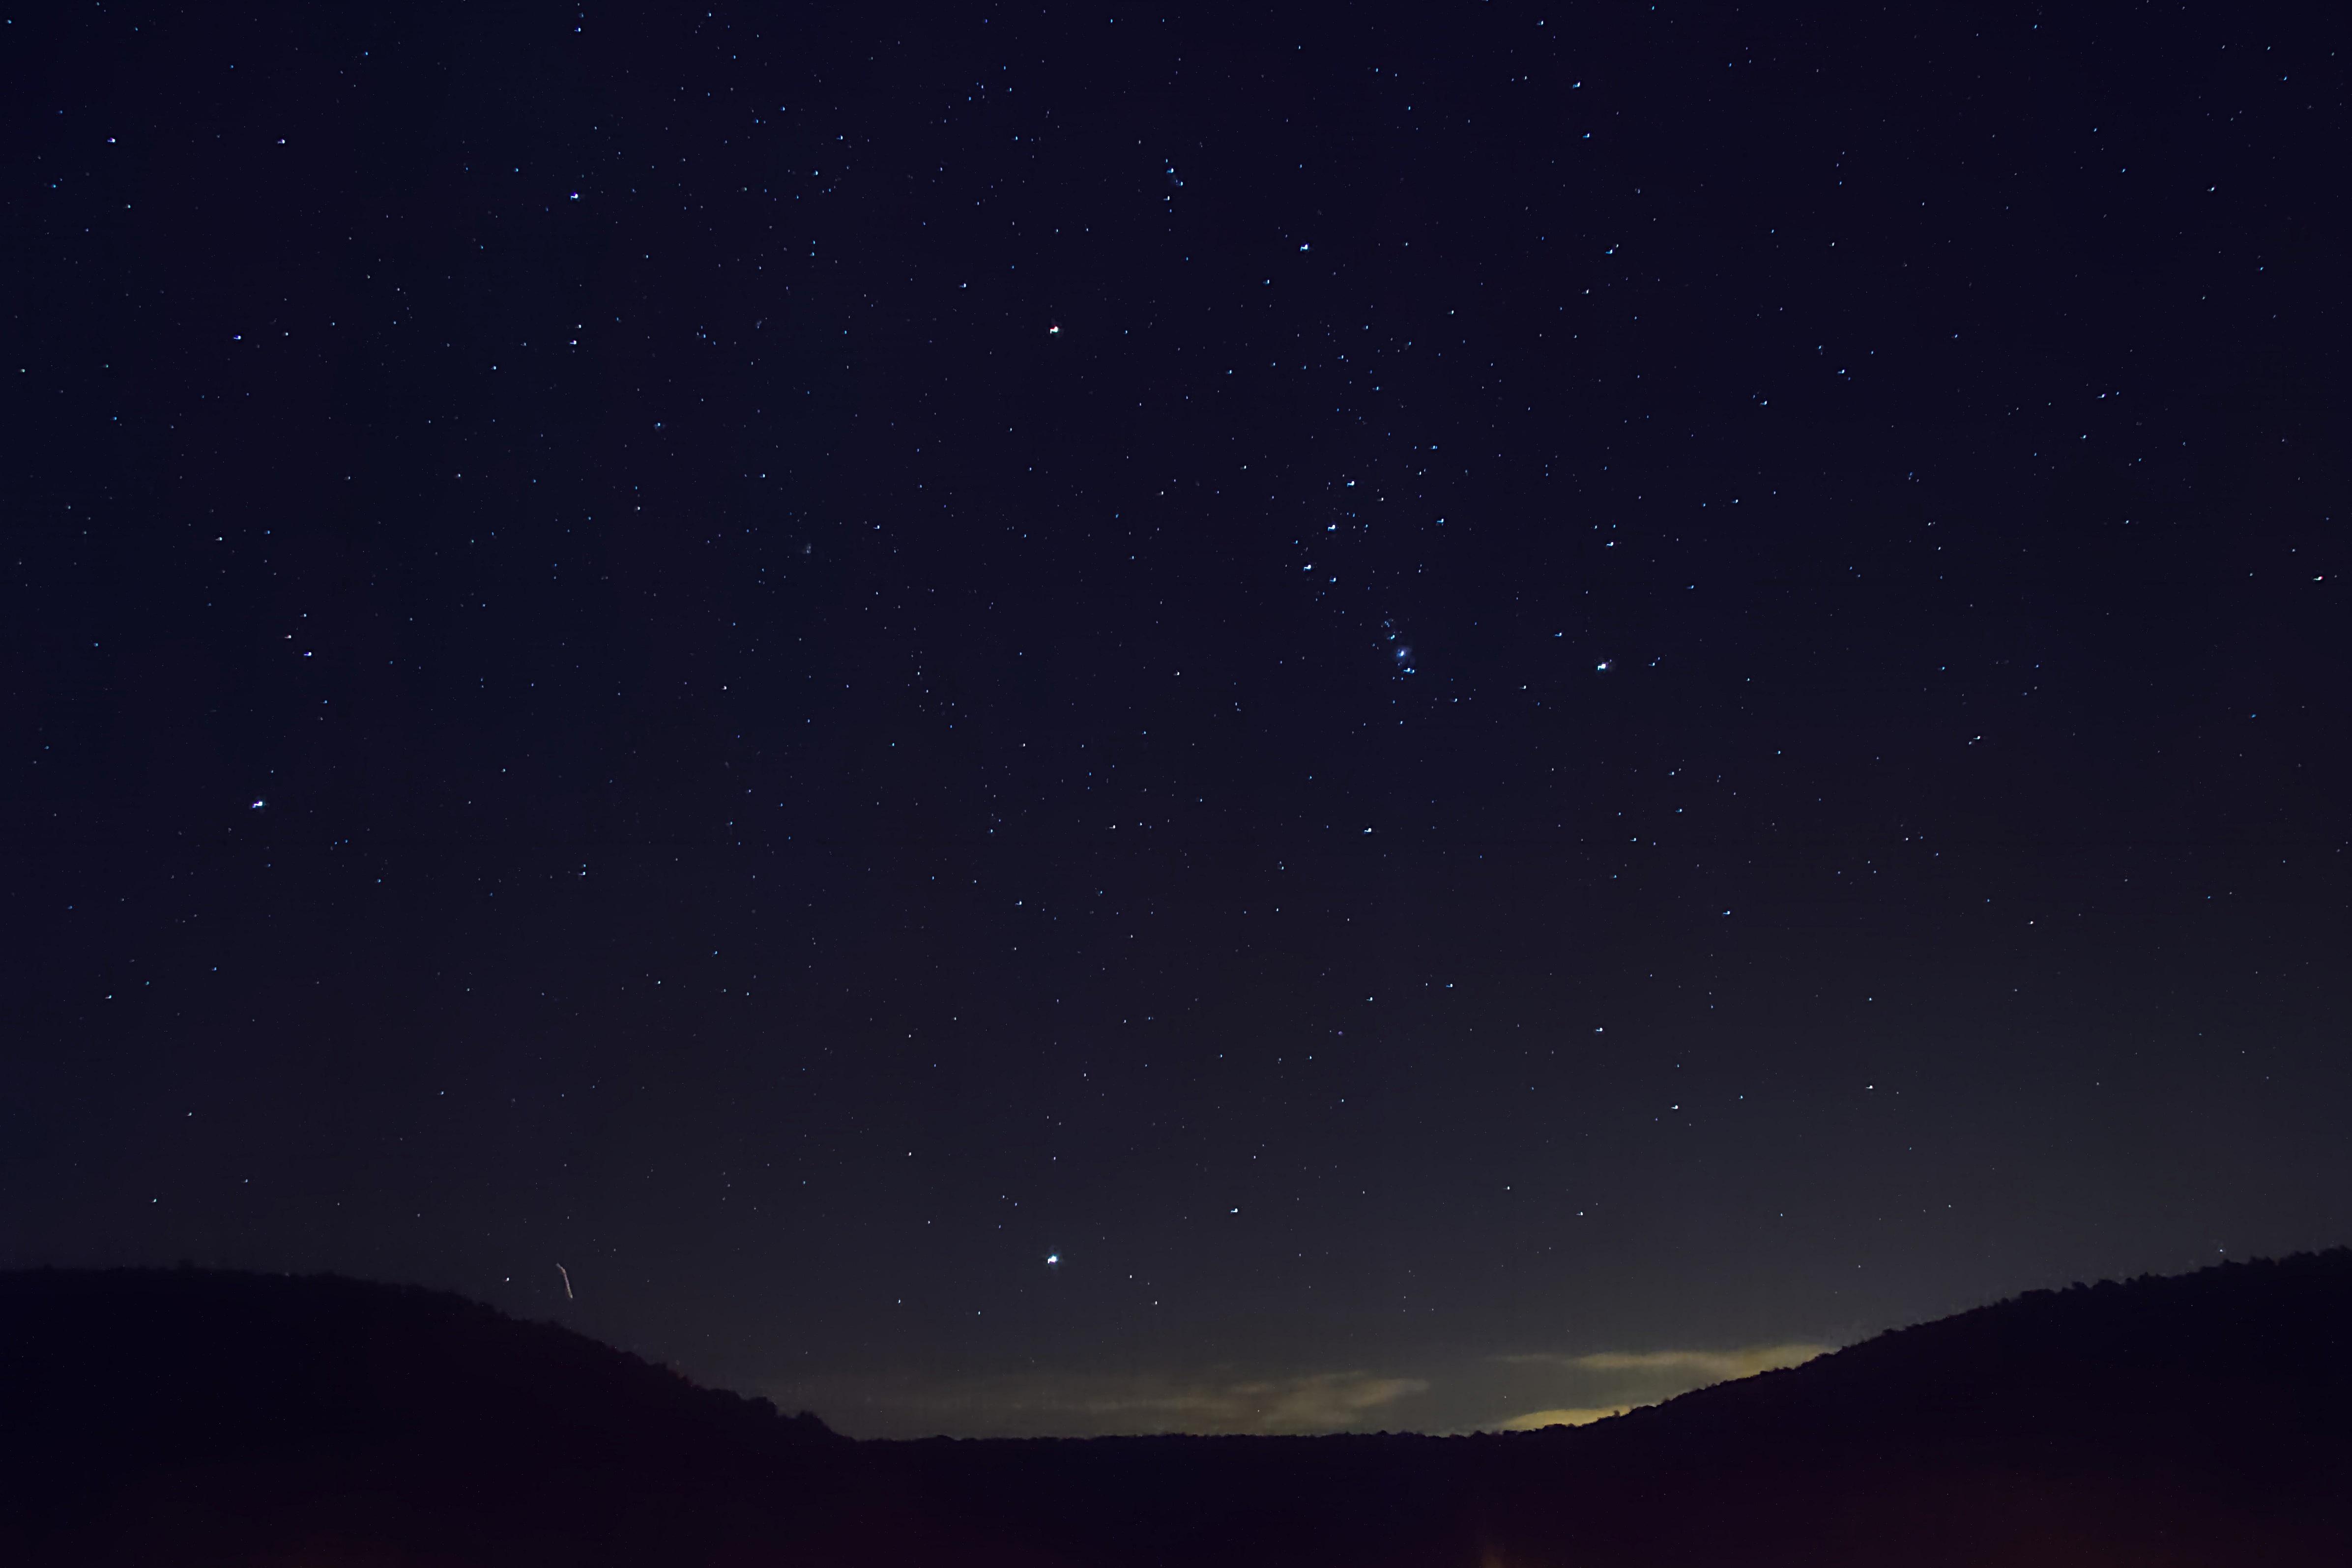 Fotos Gratis : Noche, Estrella, Cosmos, Atmósfera